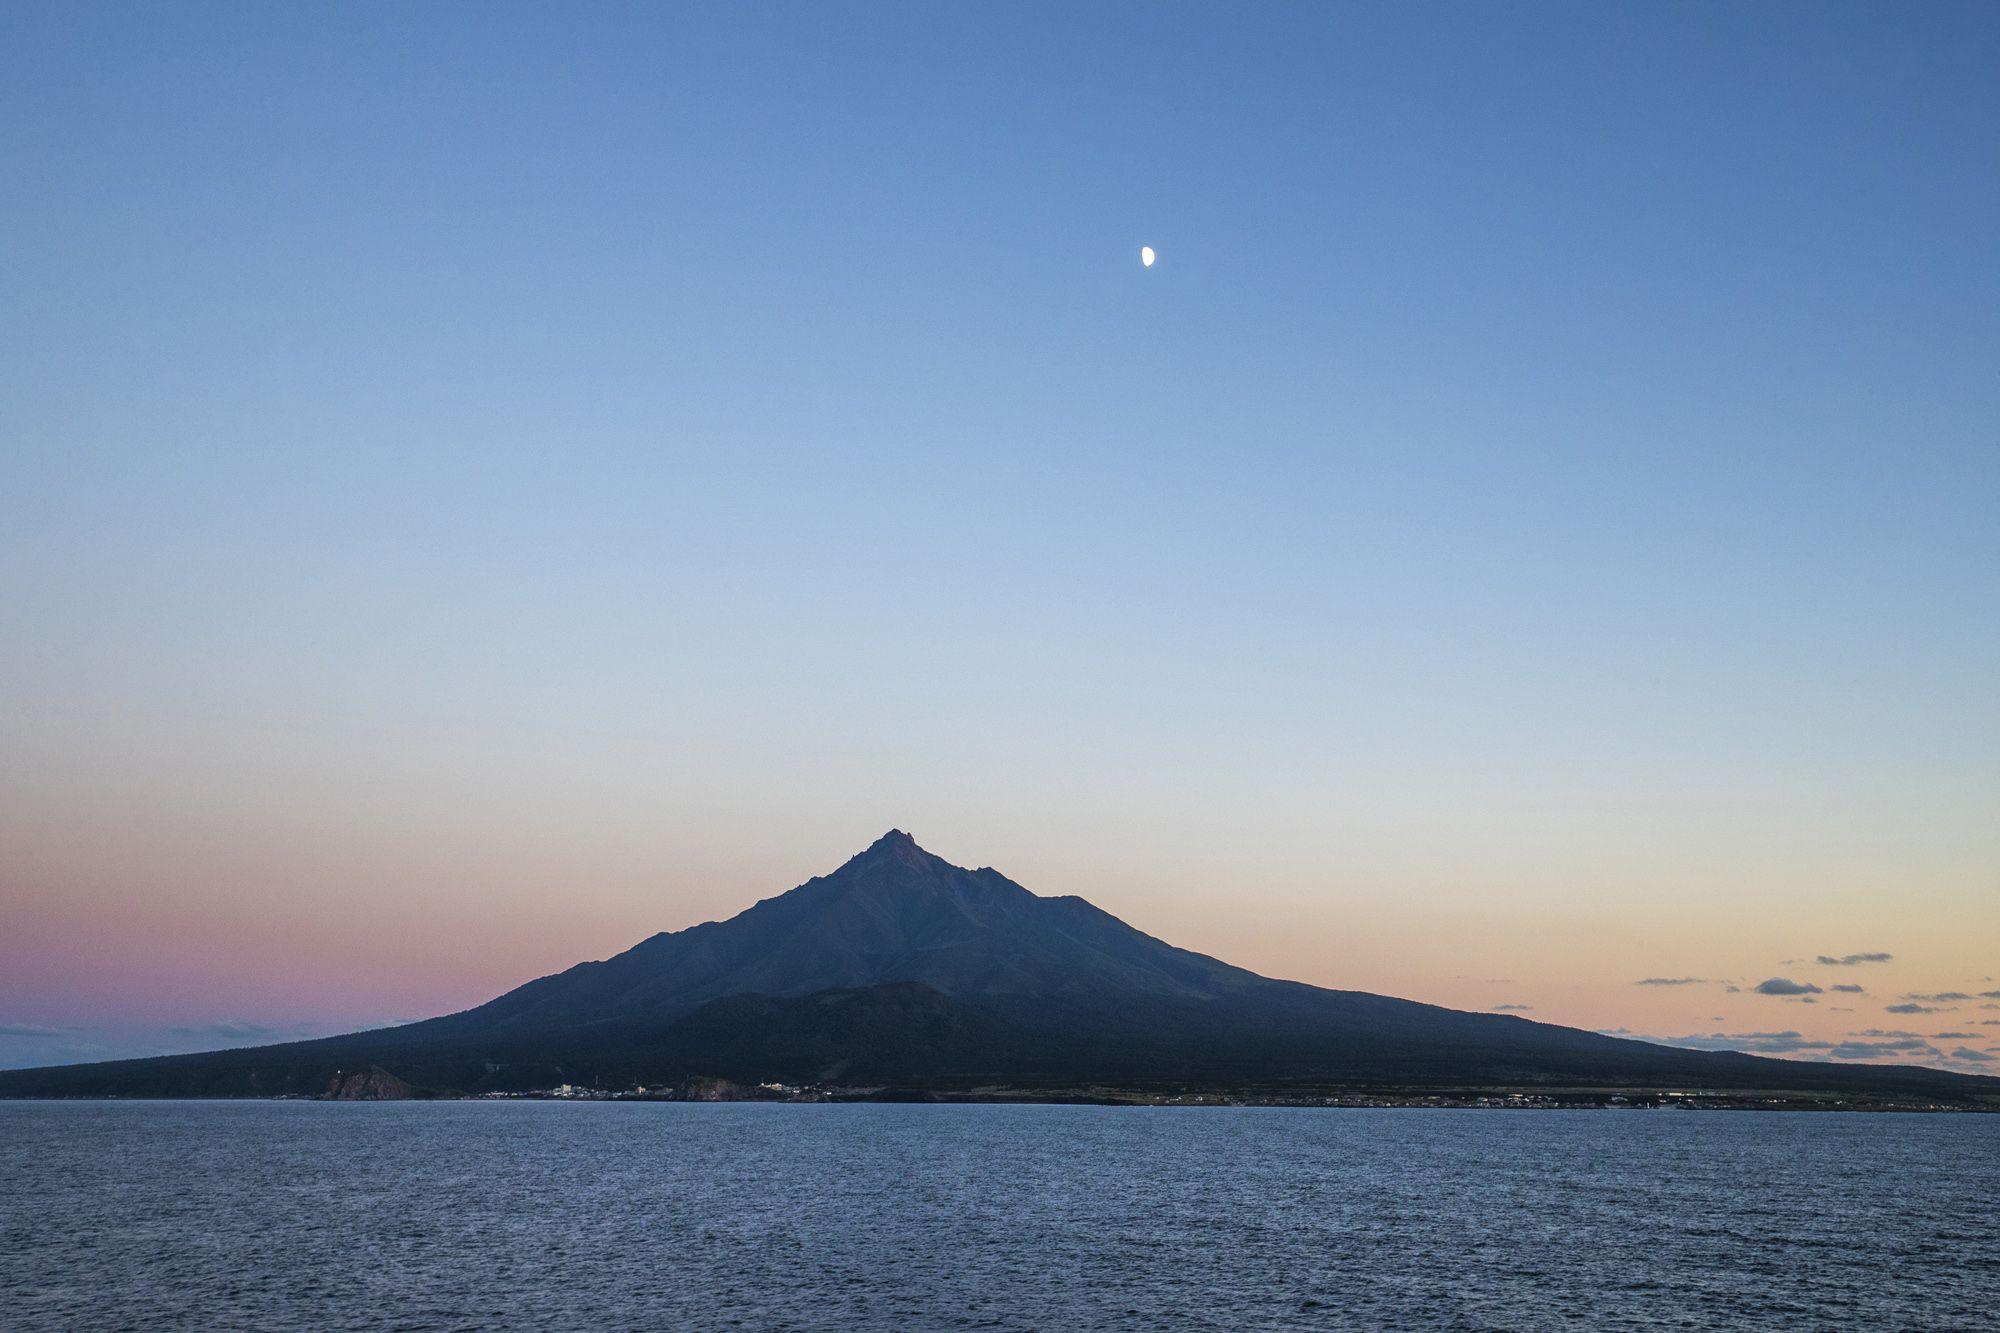 北海道の利尻島にある利尻岳。利尻富士とも呼ばれる。